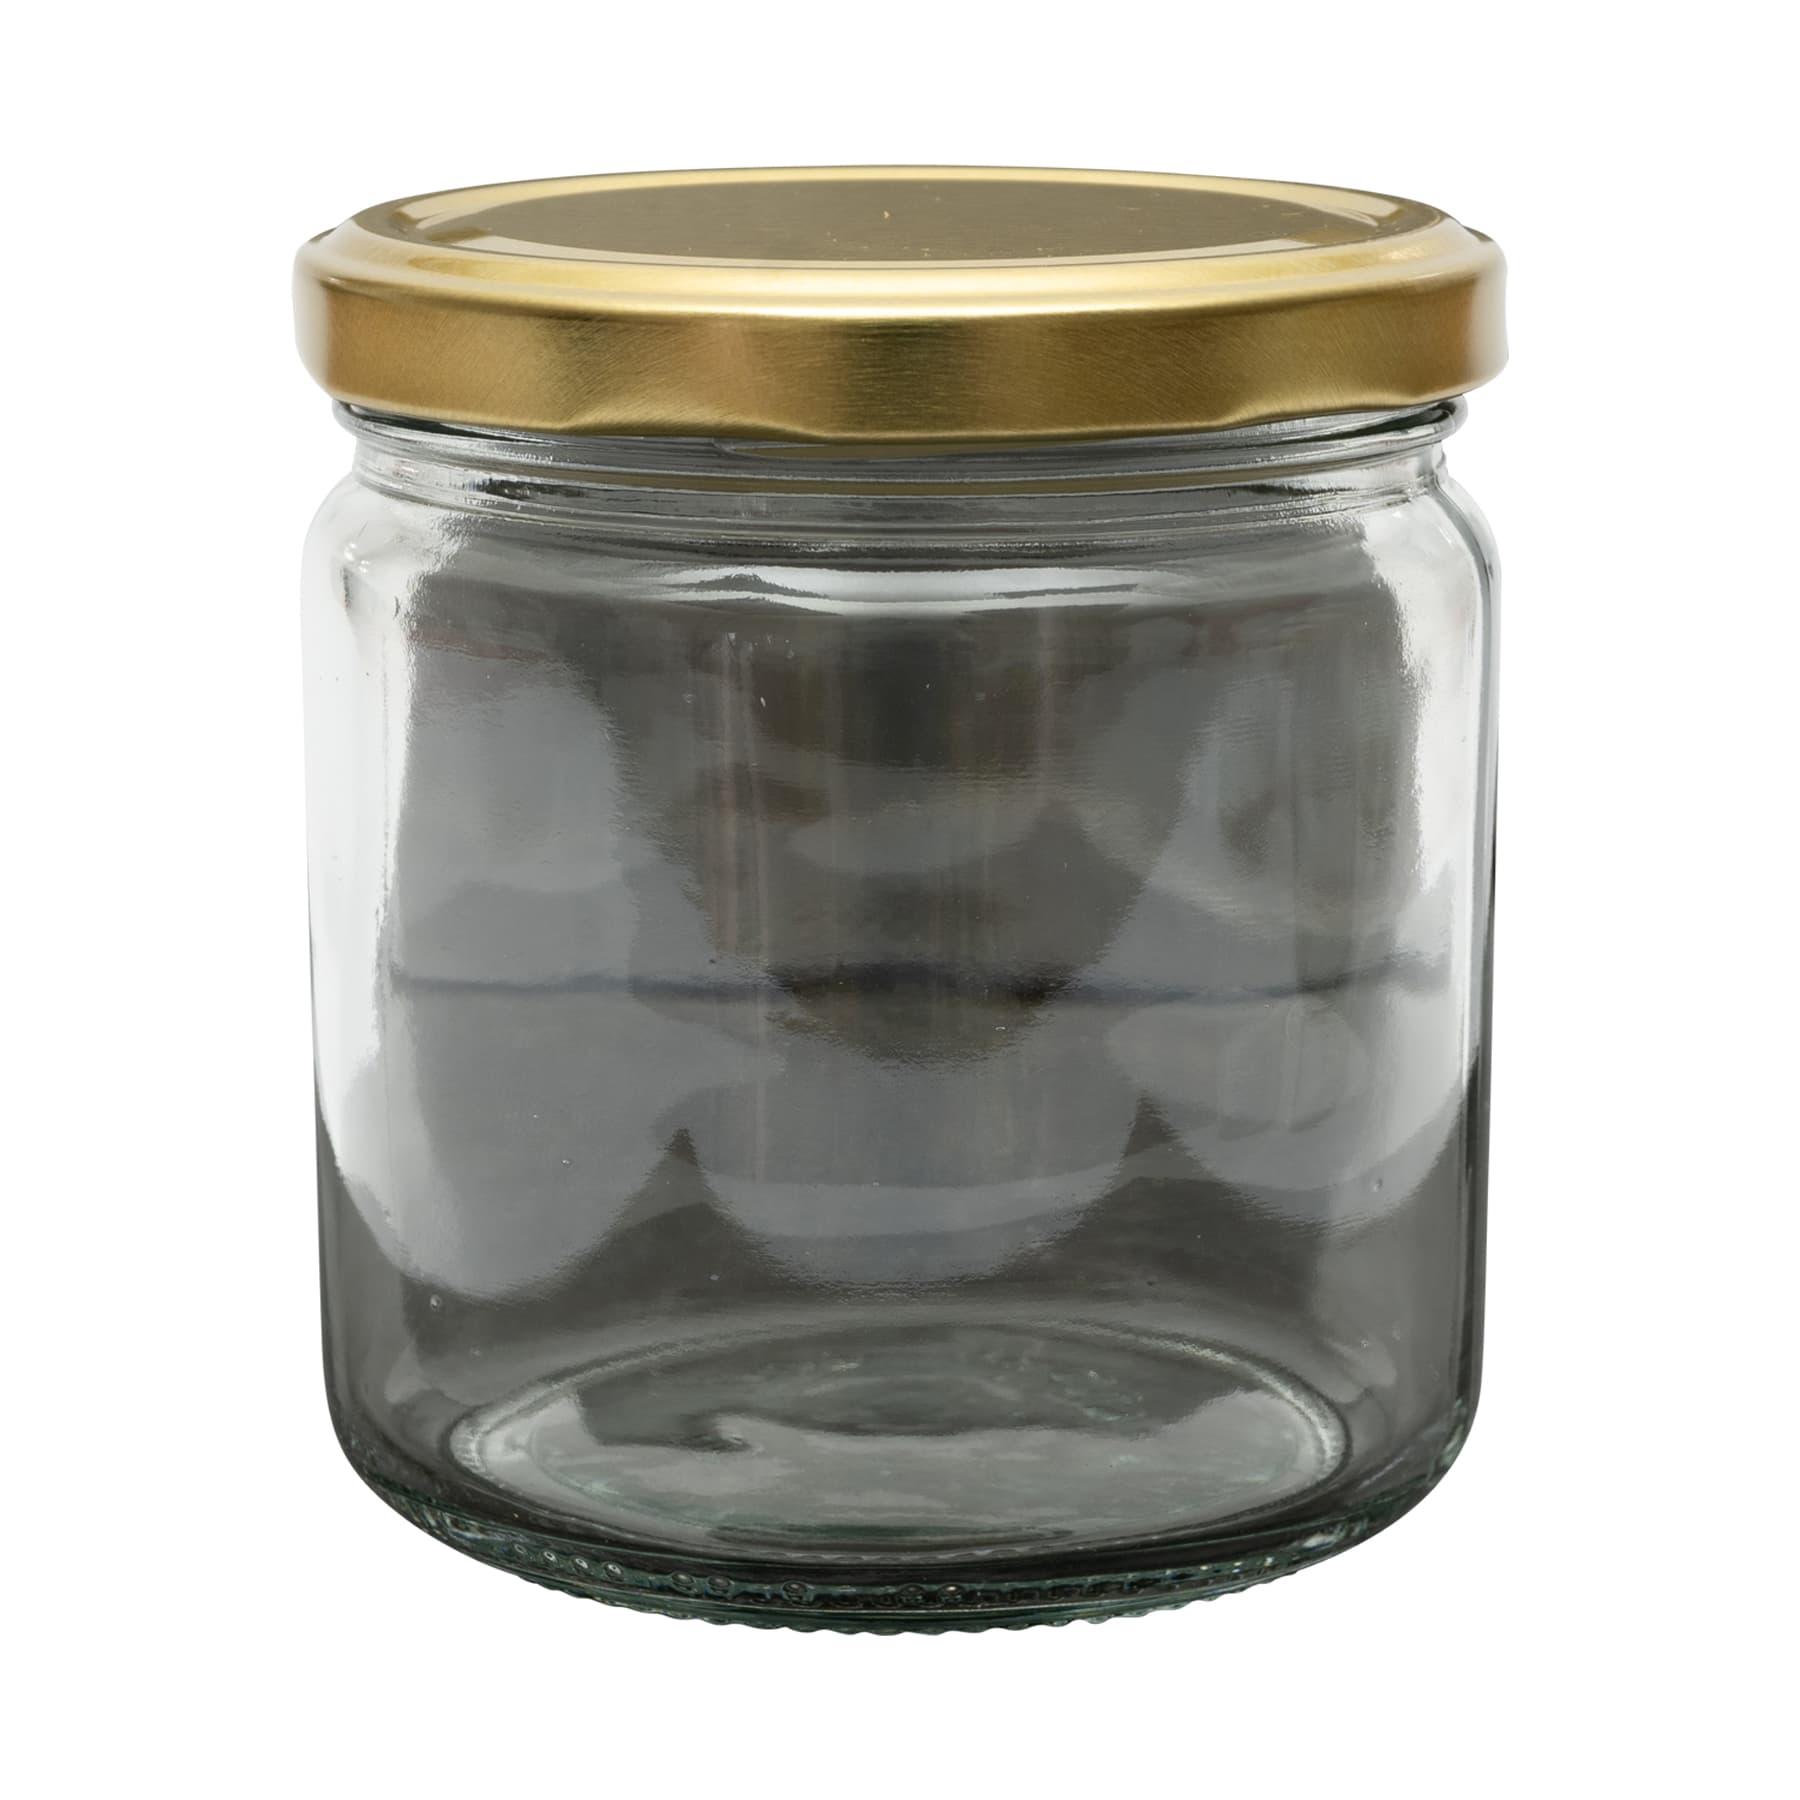 Rundglas 250 g TO mit Deckel im 12er Karton 4488  Gläser = 1 Palette FREI HAUS